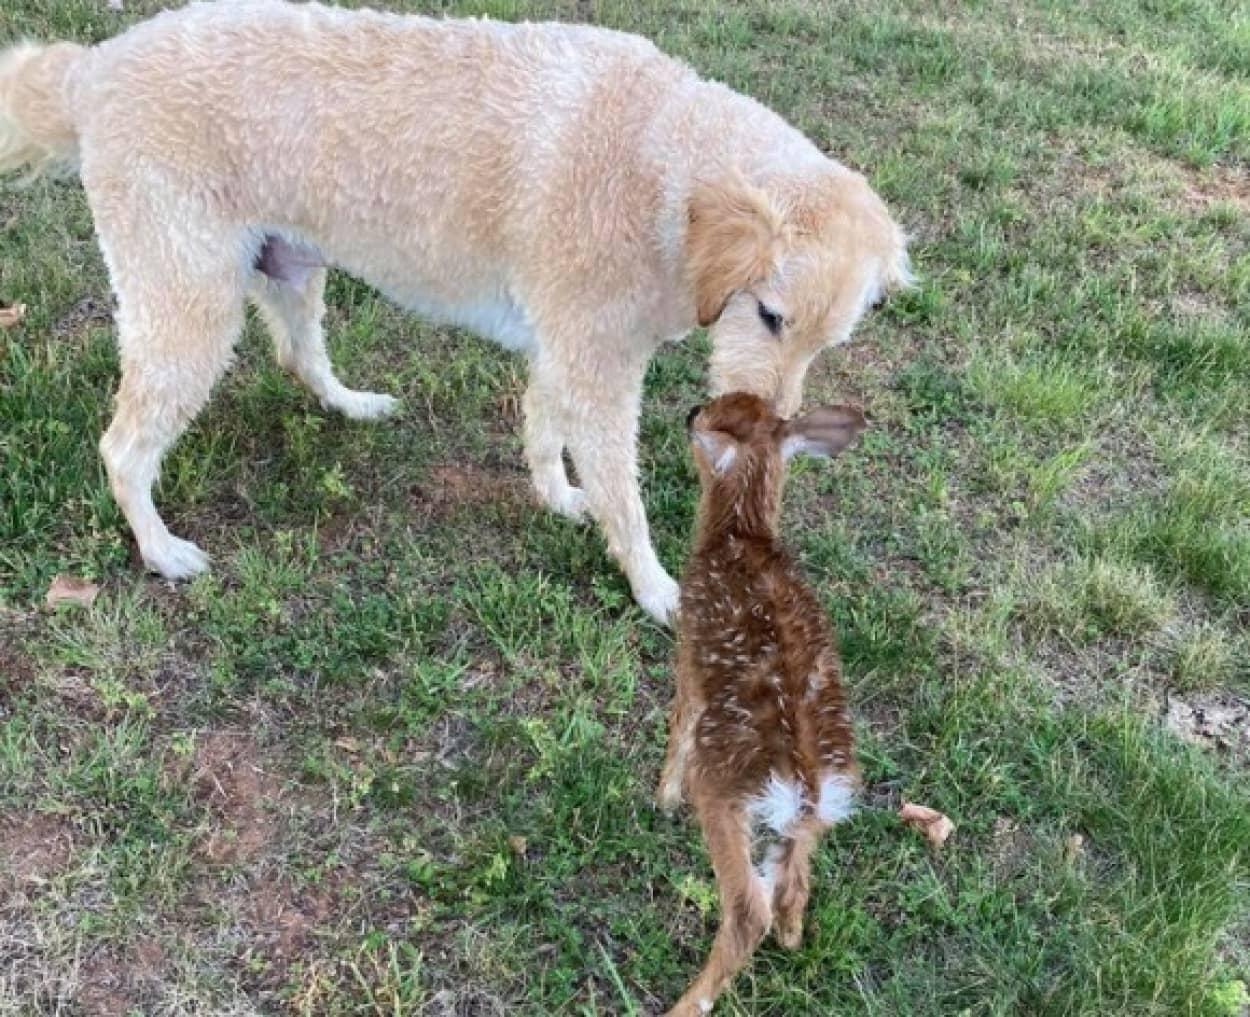 湖で溺れそうになっていた子鹿を救った犬の元へ、母鹿と子鹿が会いに来た!